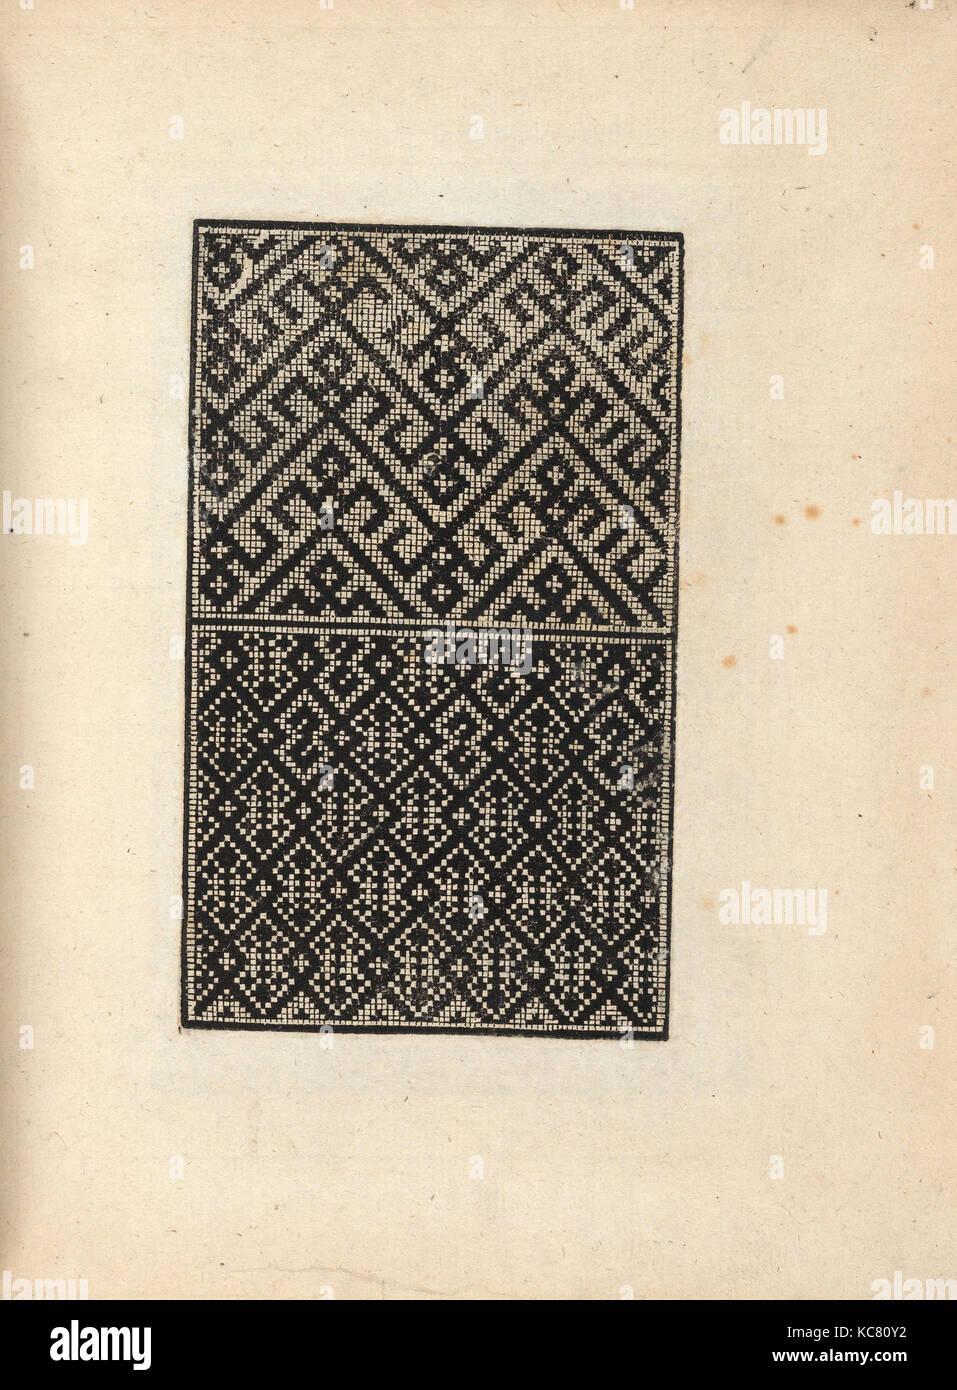 Trionfo di virtu. libro novo..., pagina 7 (recto), 1563 Immagini Stock